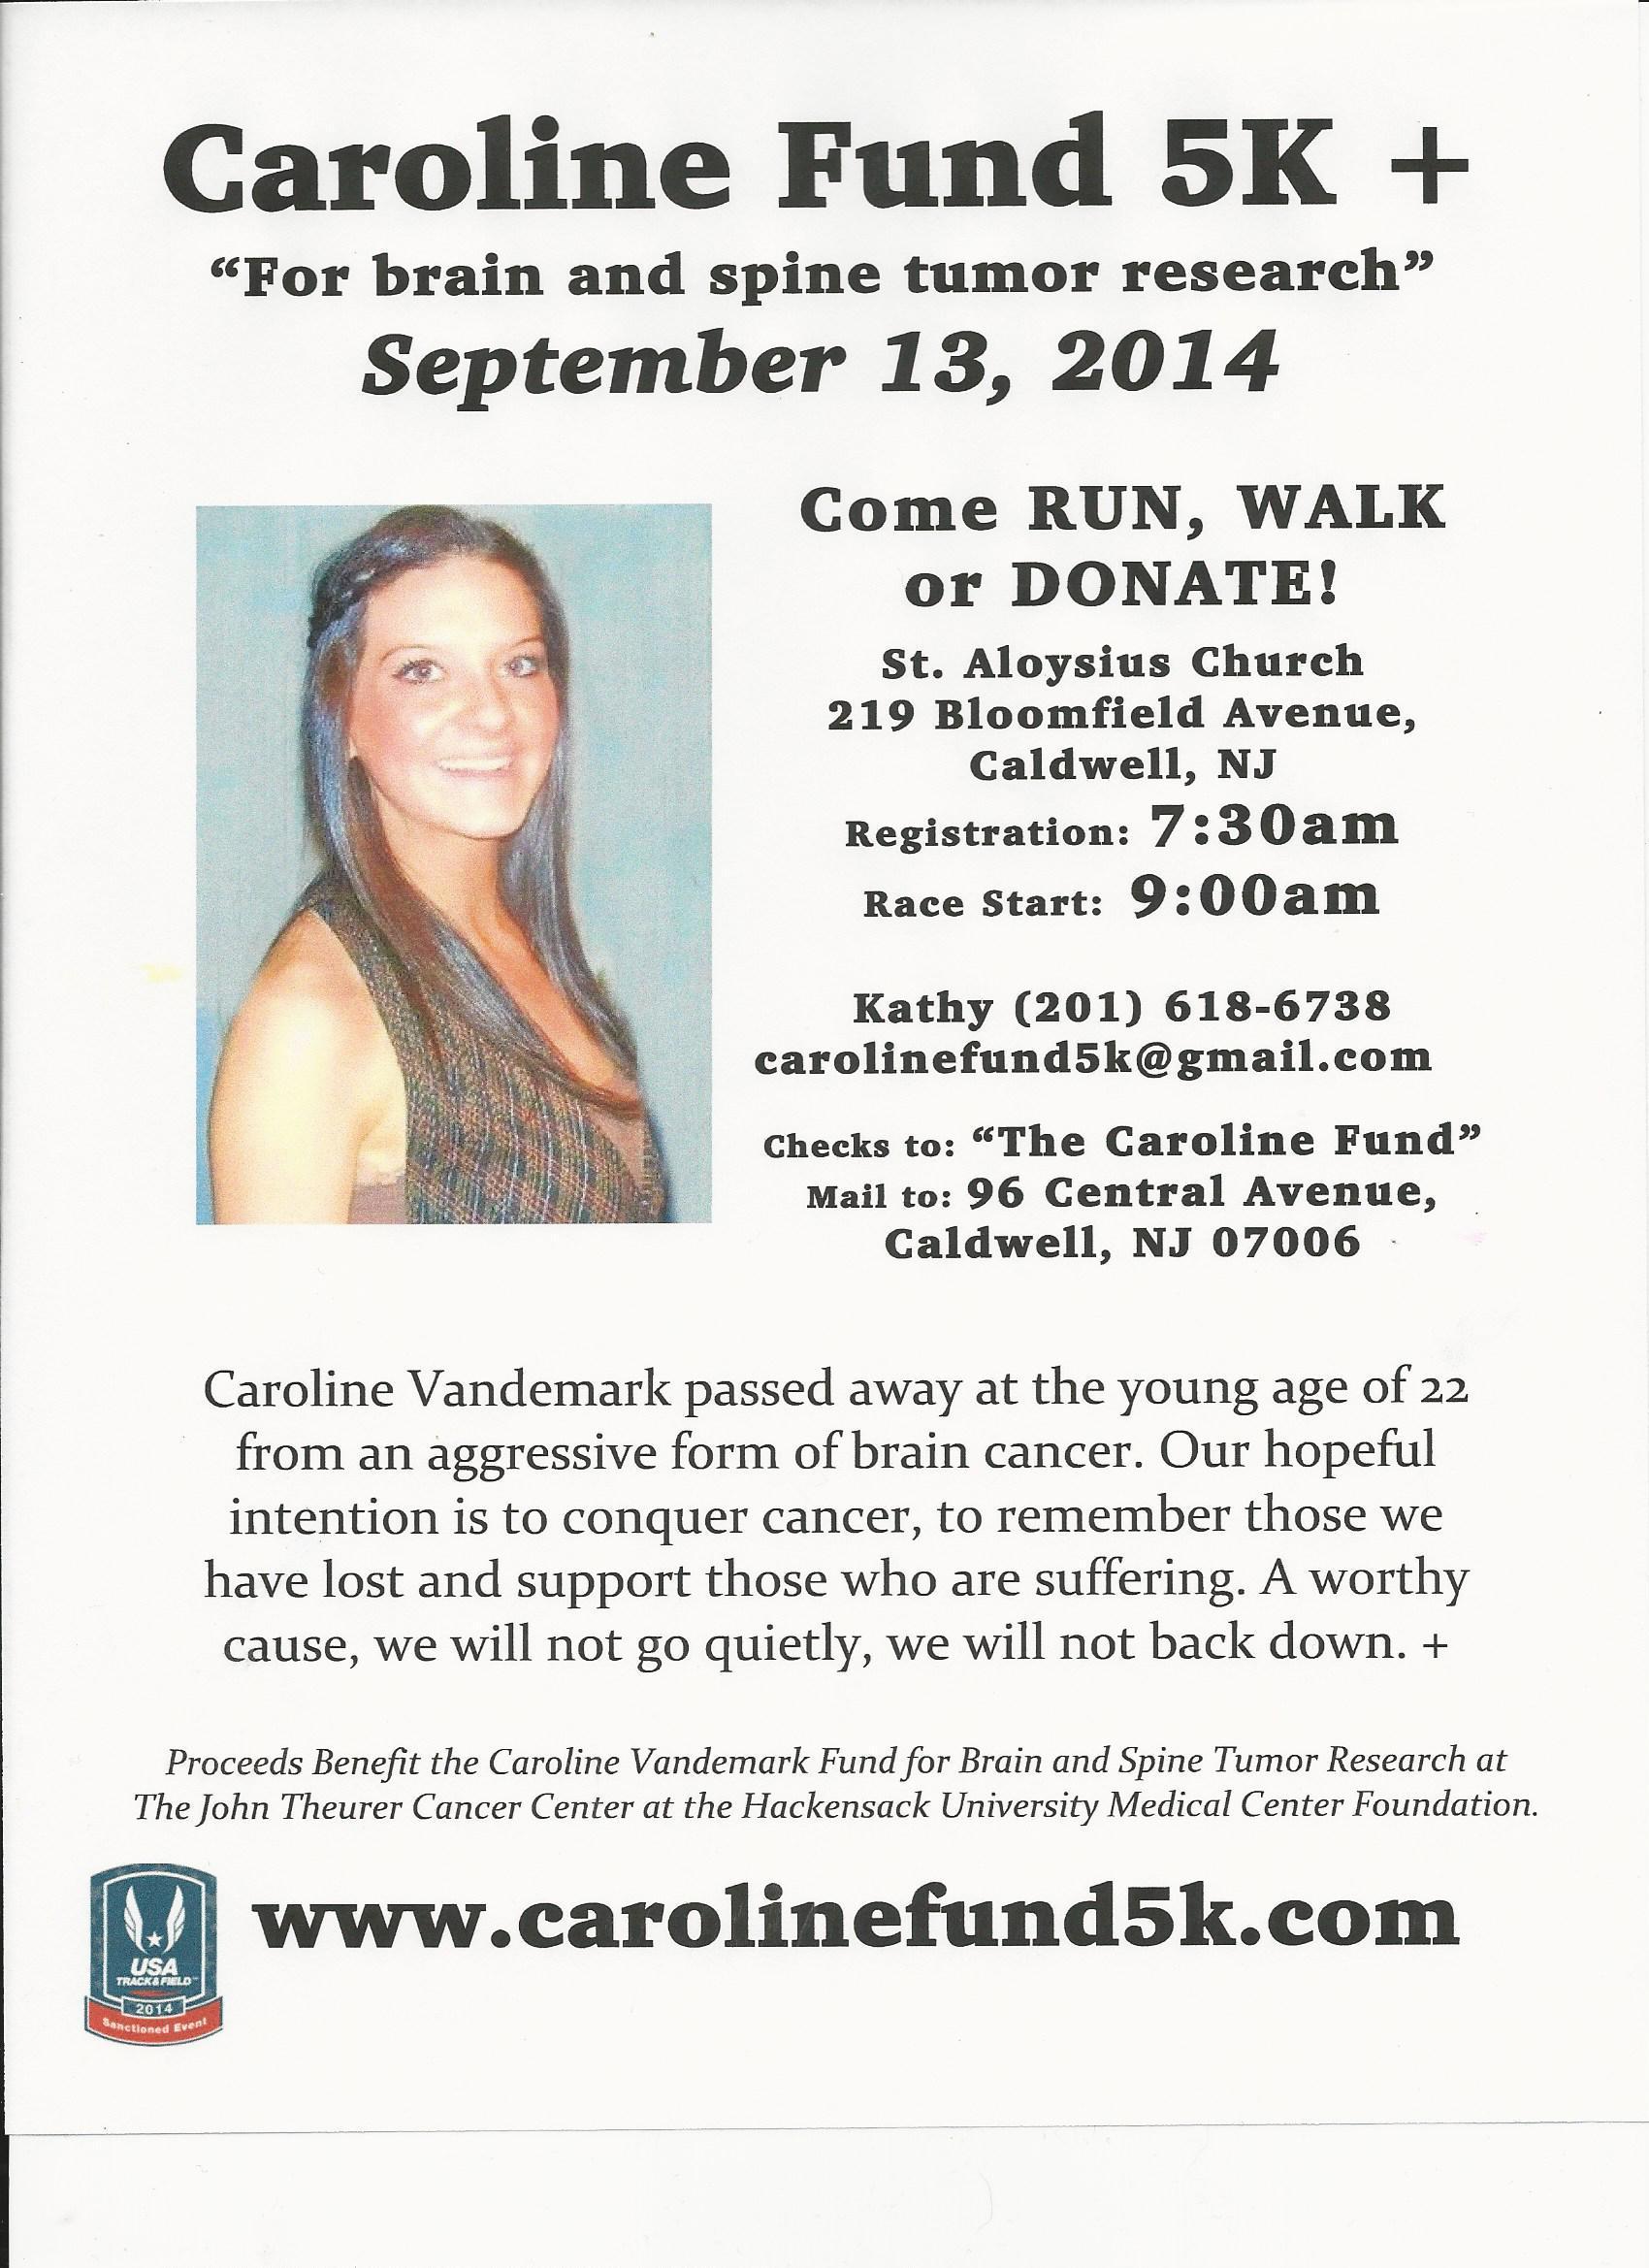 Caroline Vandemark Lives On at First Annual Caroline Fund 5K Set for September 13